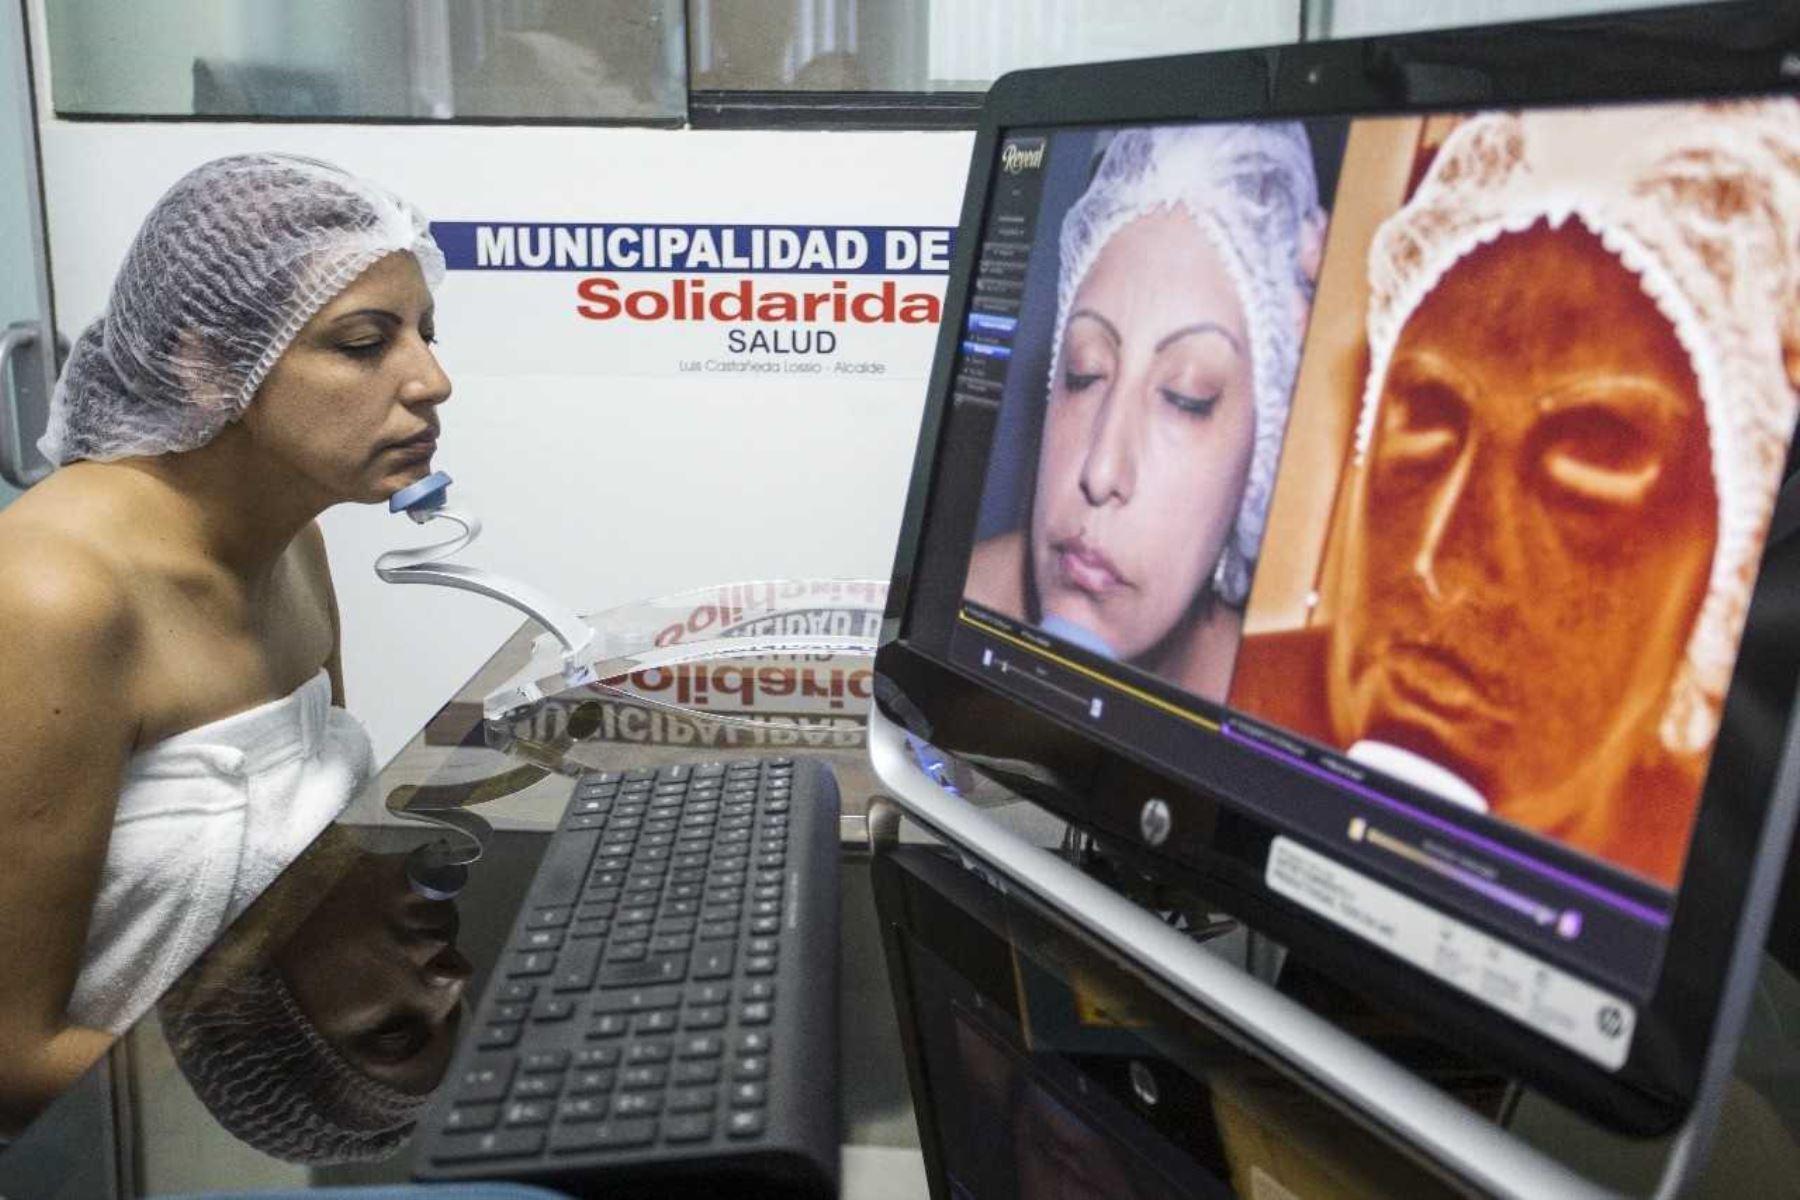 Campaña gratuita de despistaje de cáncer de piel se realizará en hospitales de la Solidaridad en el ámbito nacional.